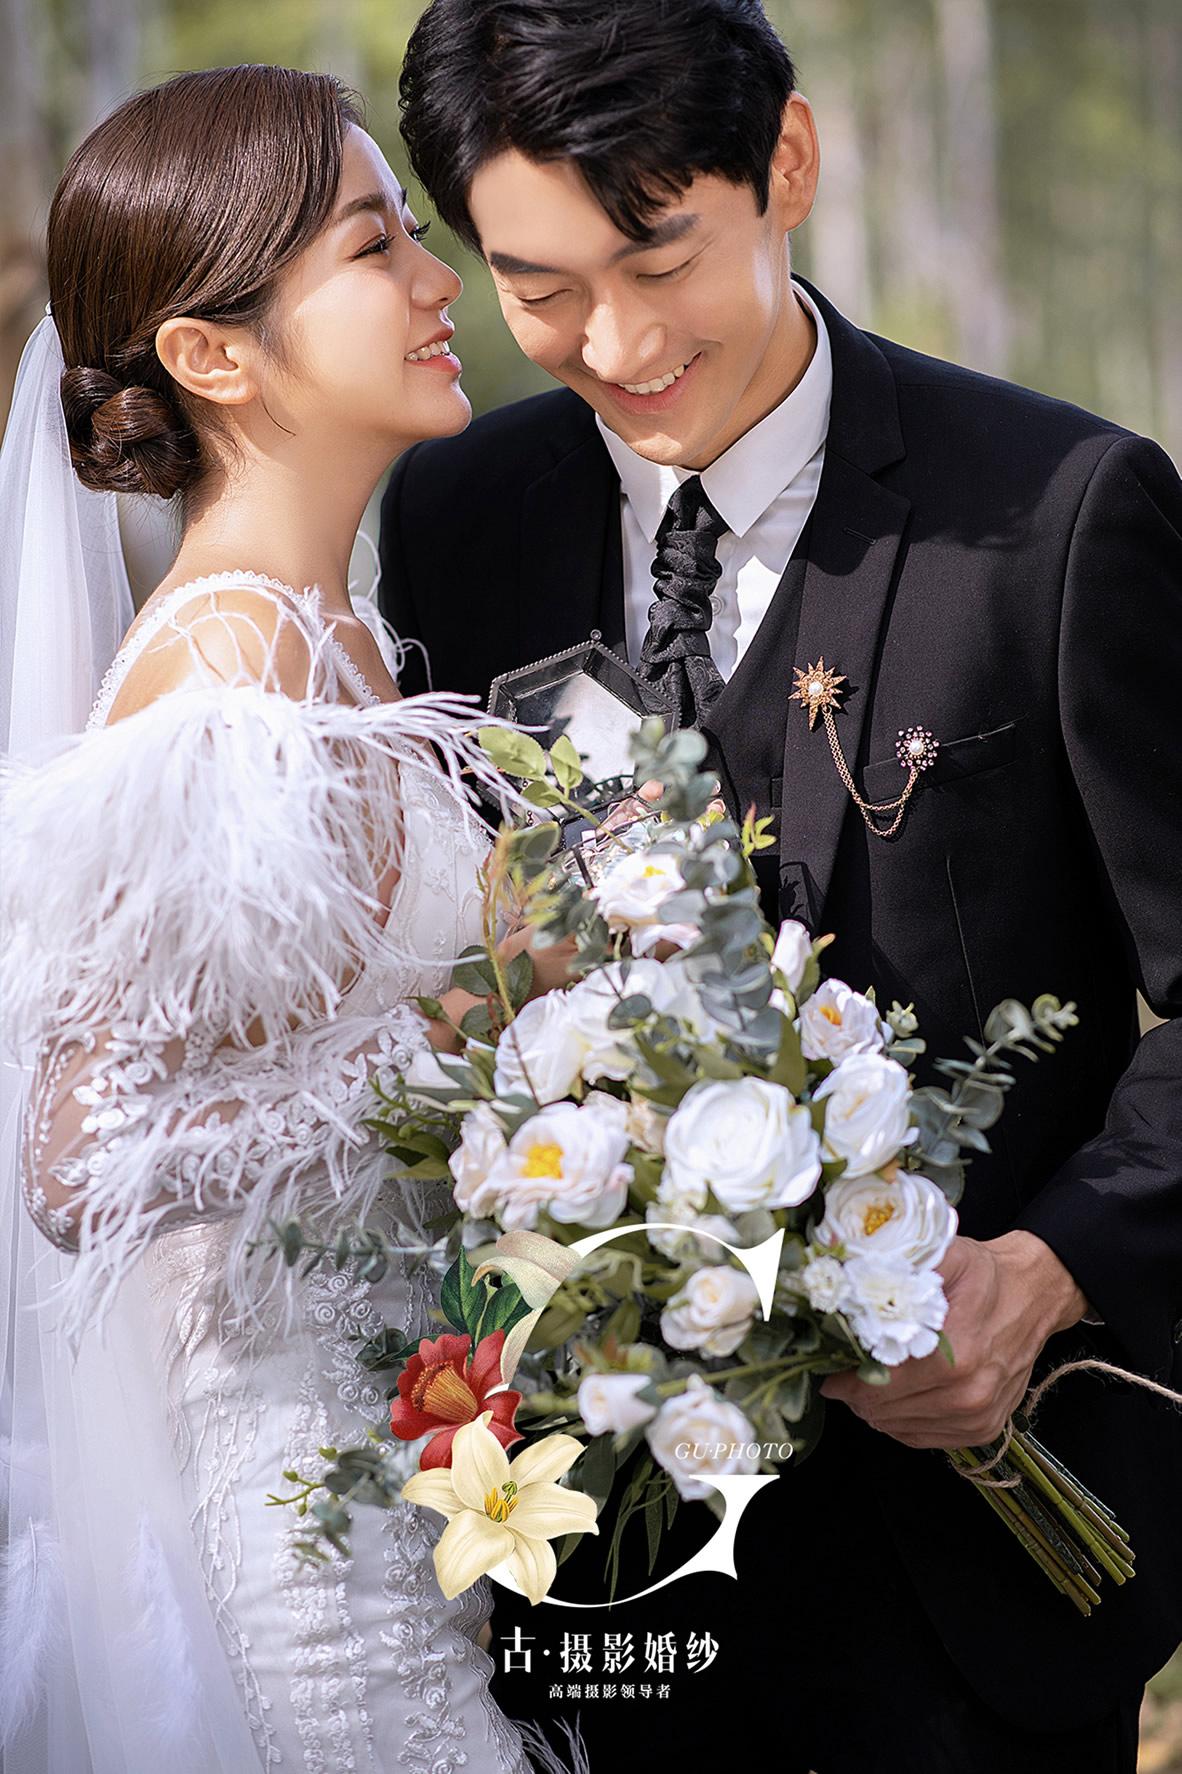 上川岛《海岛森林》 - 拍摄地 - 广州婚纱摄影-广州古摄影官网